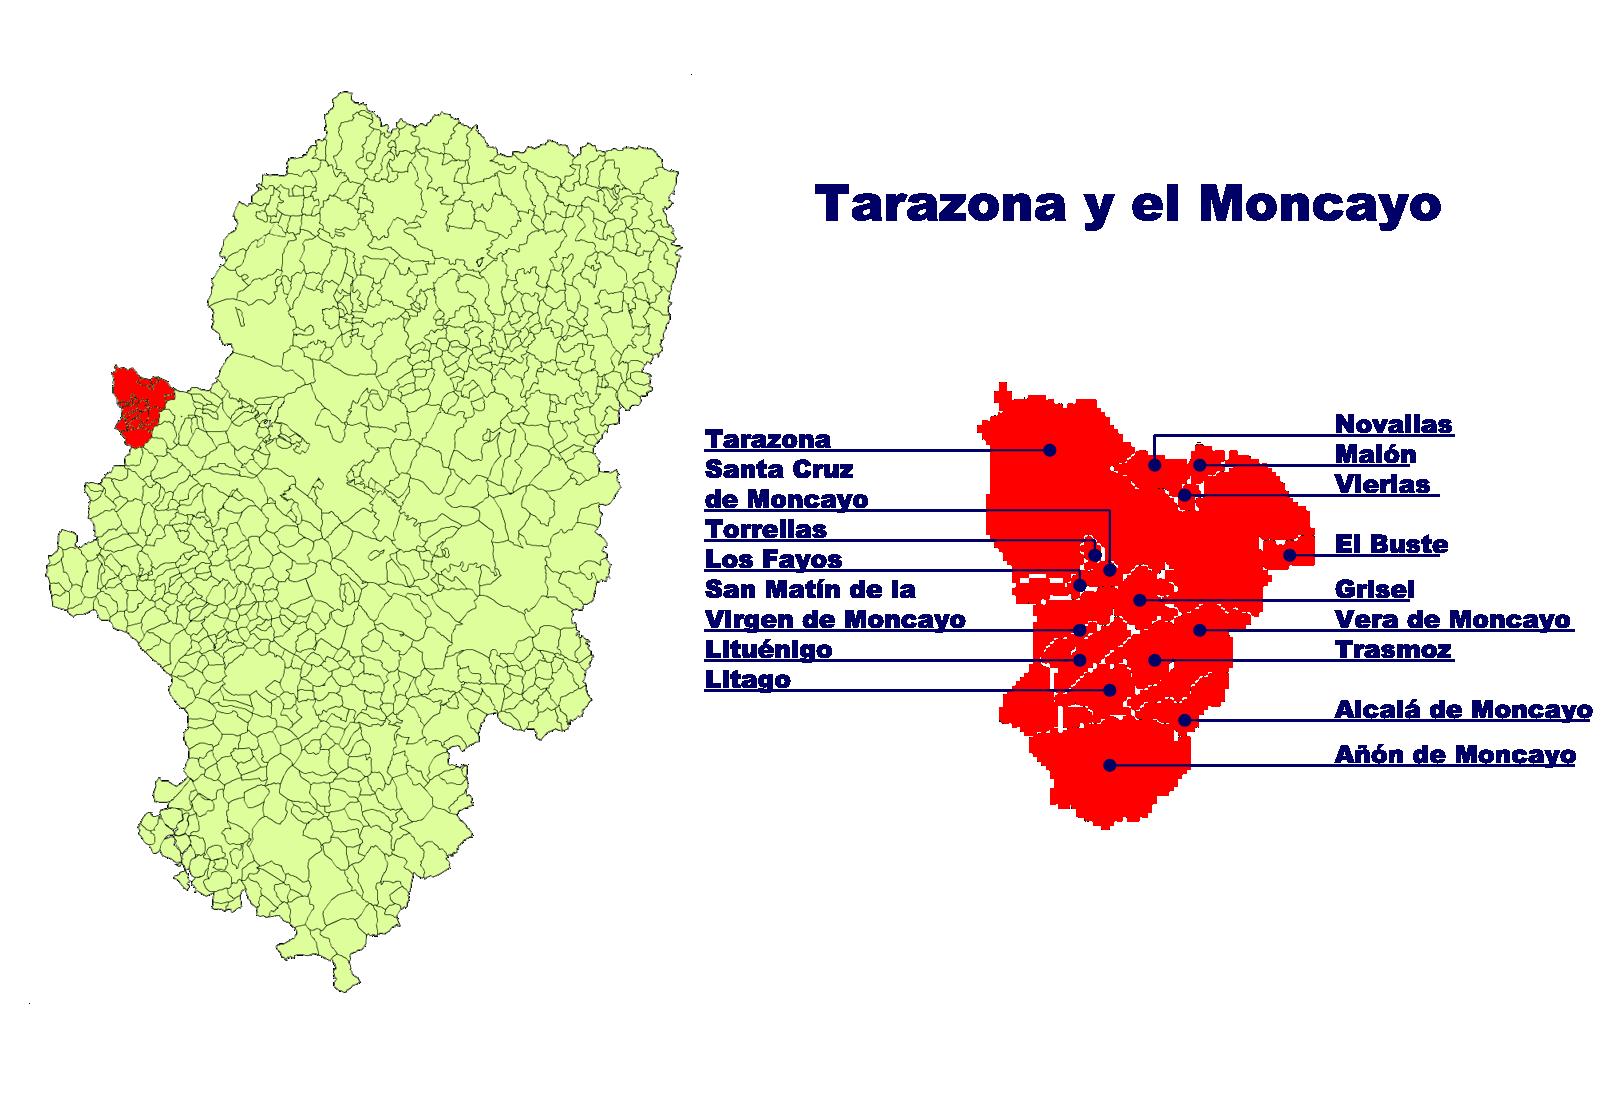 Depiction of Tarazona y el Moncayo